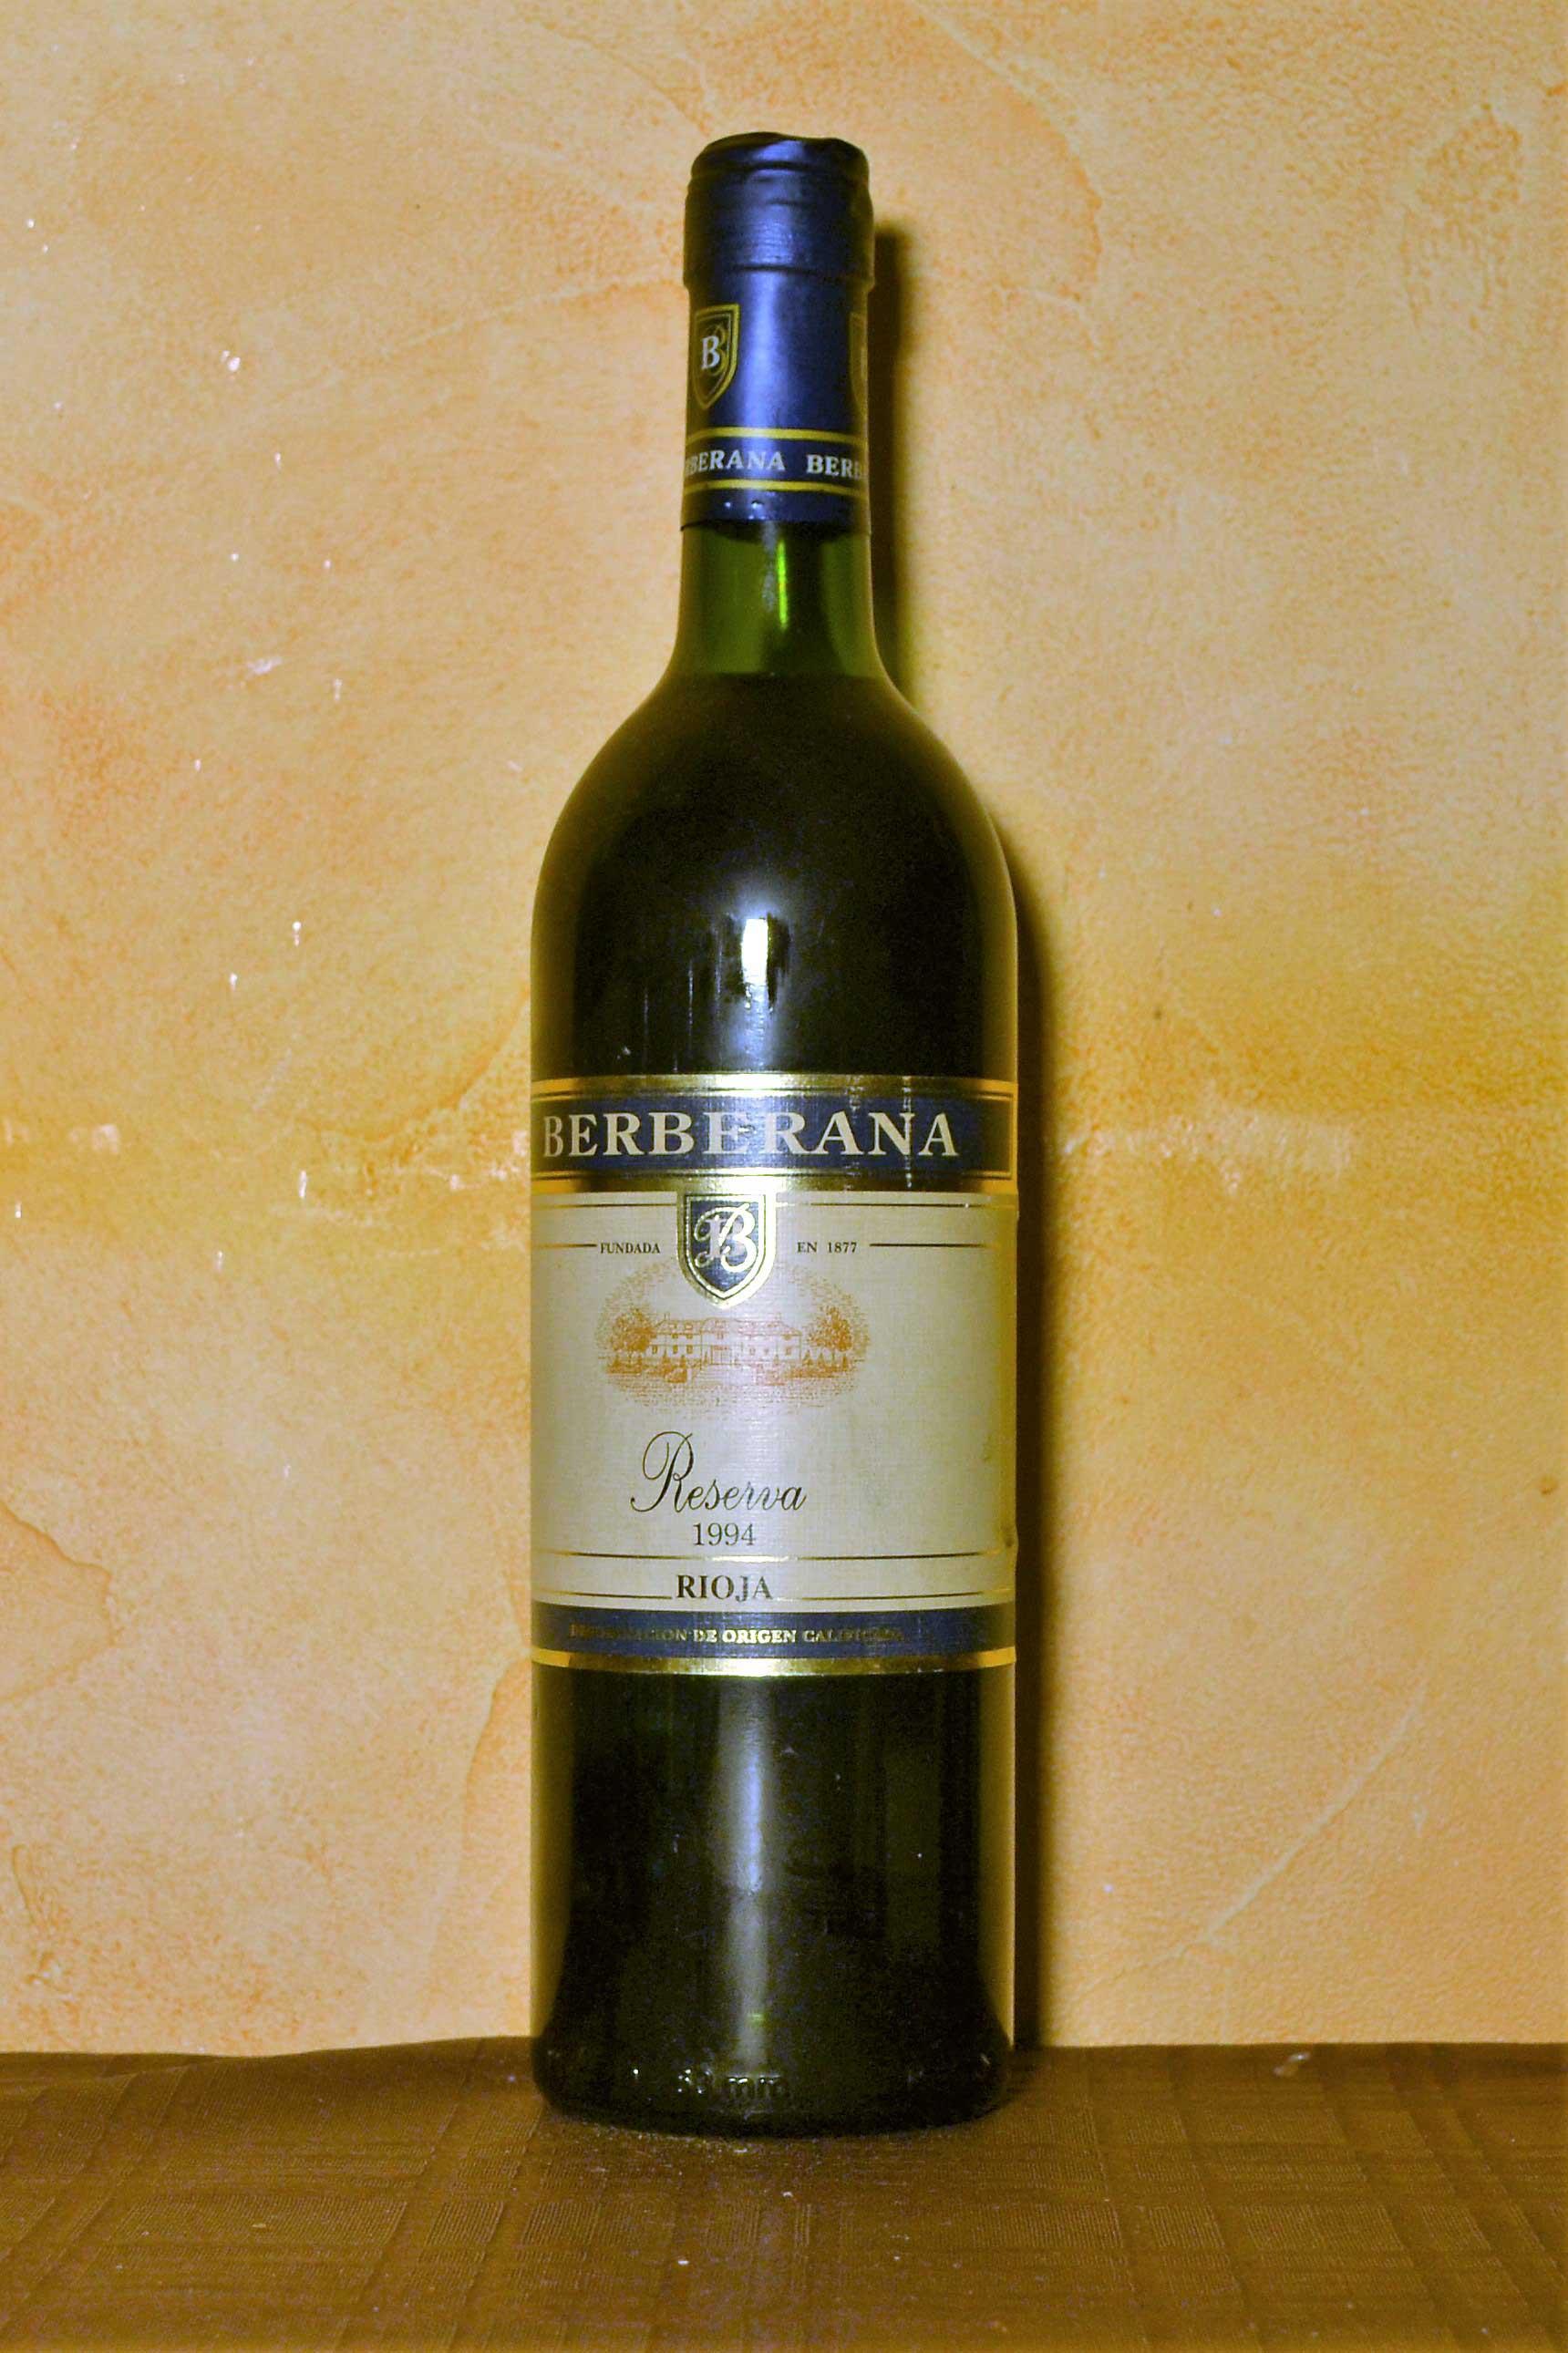 Berberana Reserva 1994